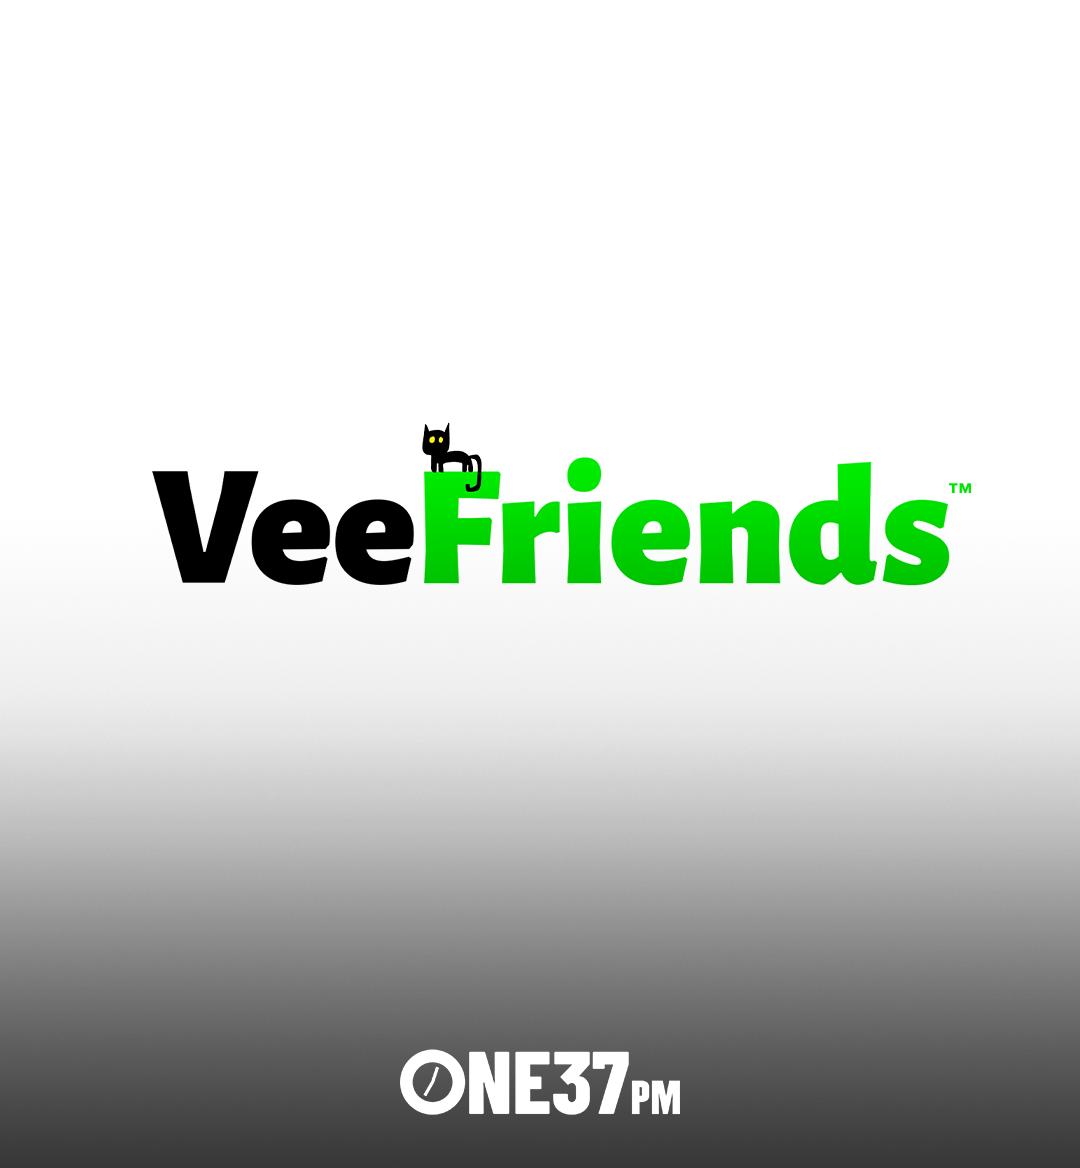 veefriends mobile